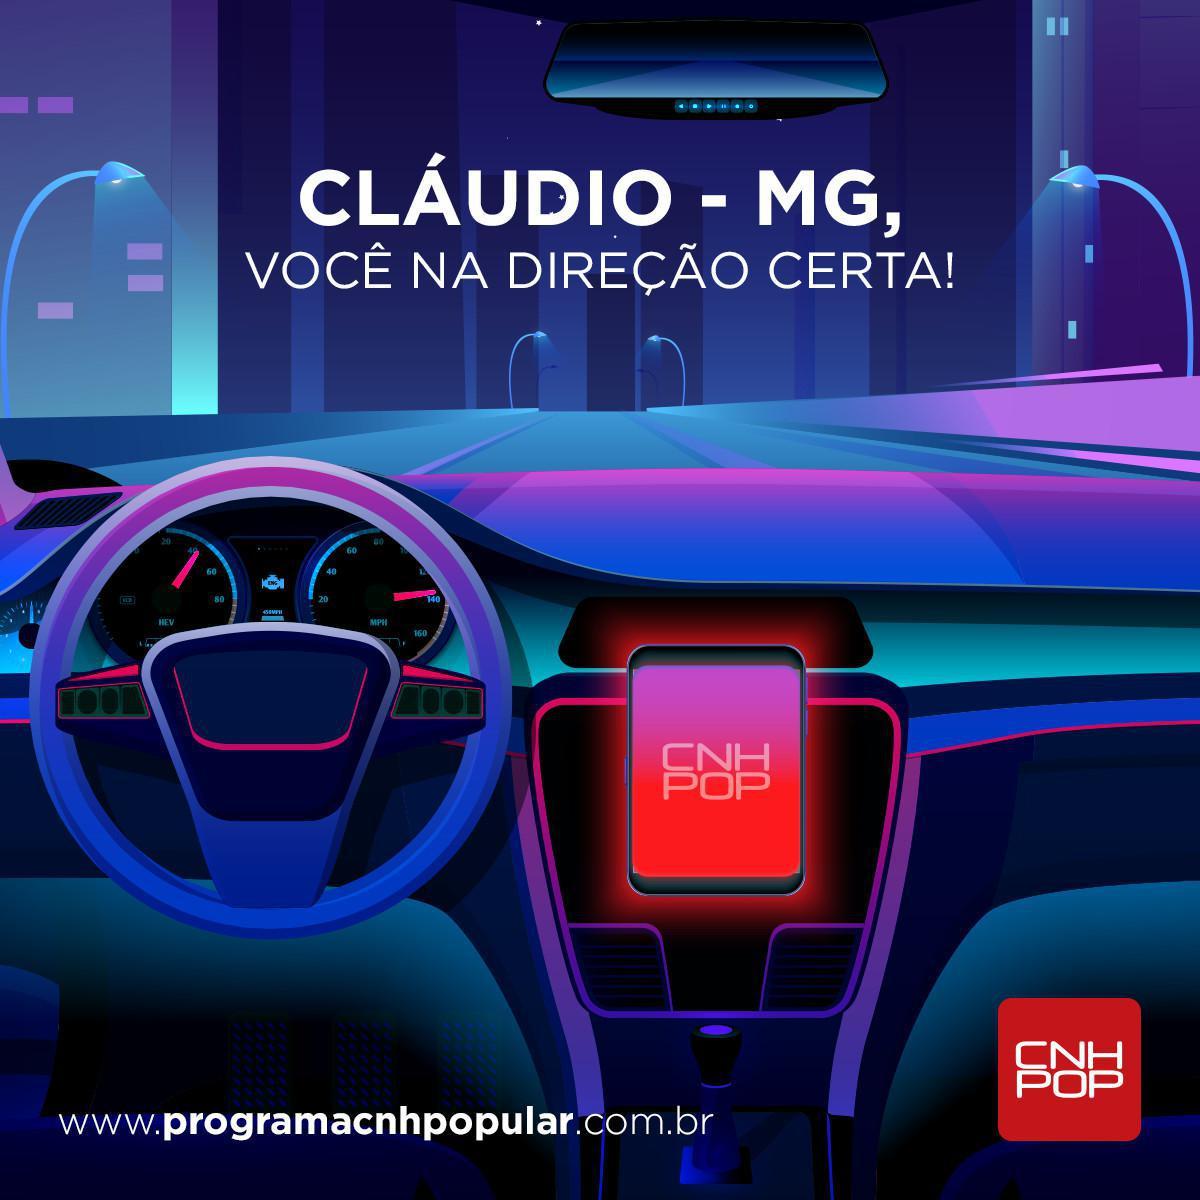 CLÁUDIO - MG, BEM-VINDOS AO UNIVERSO POP!